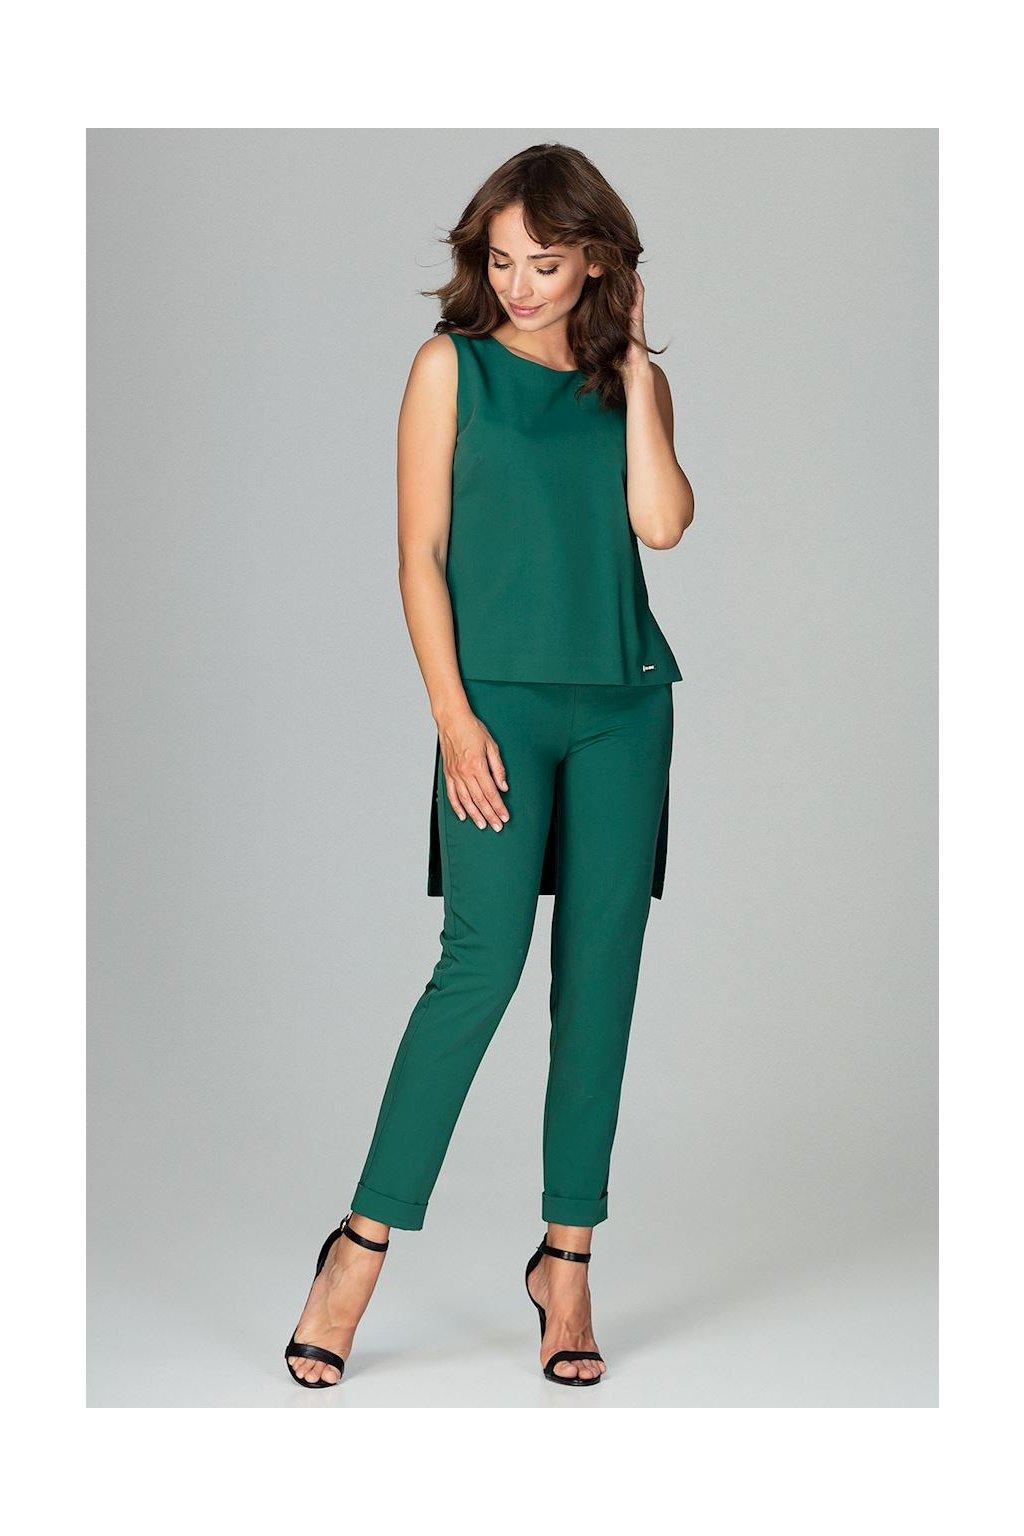 K484 green 1